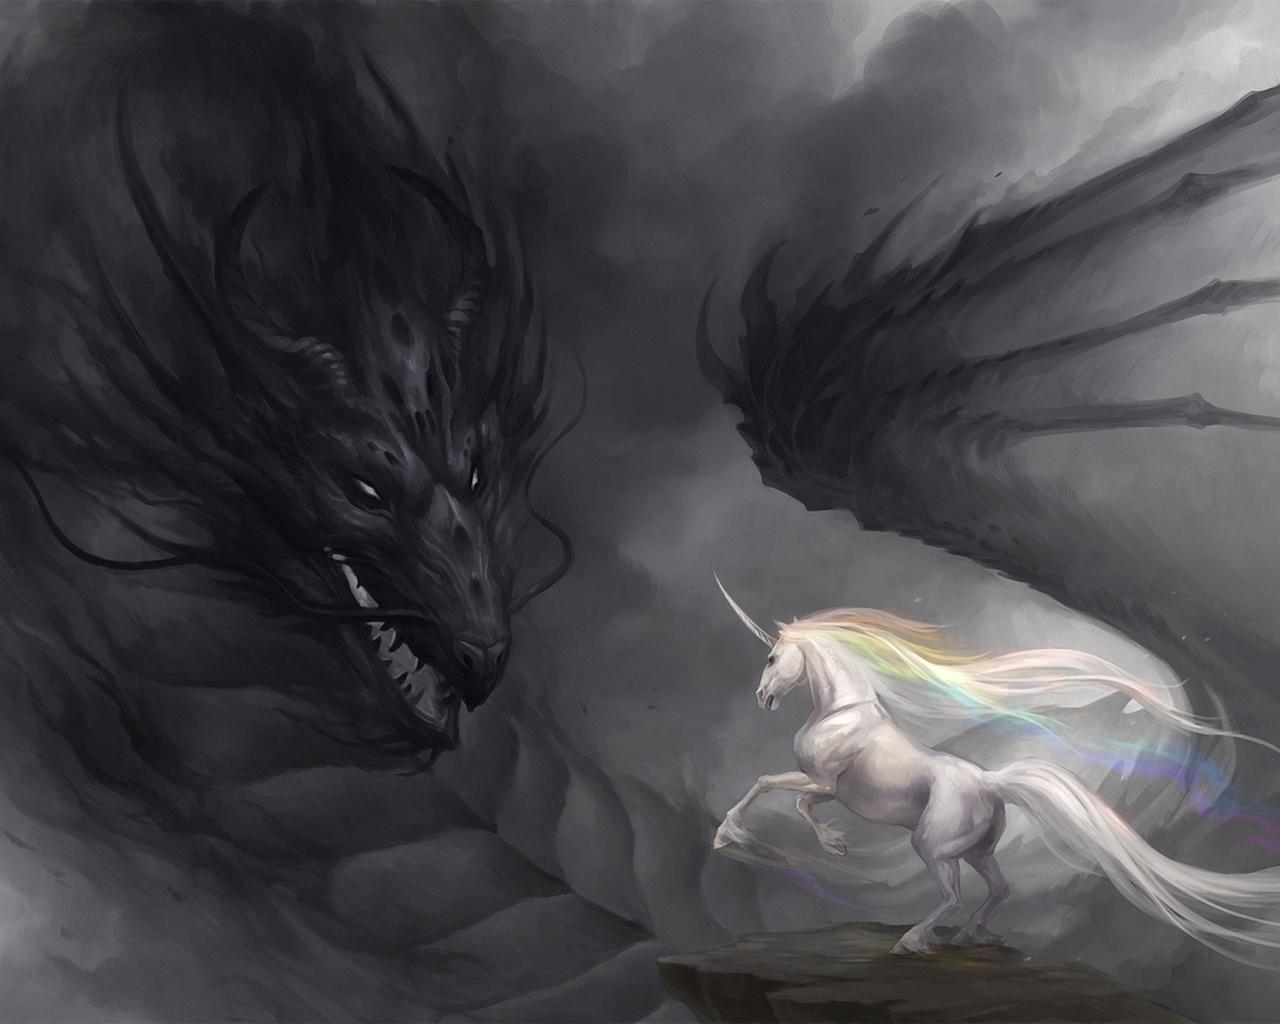 мрачность, sandara, единорог, дракон, радуга, Арт